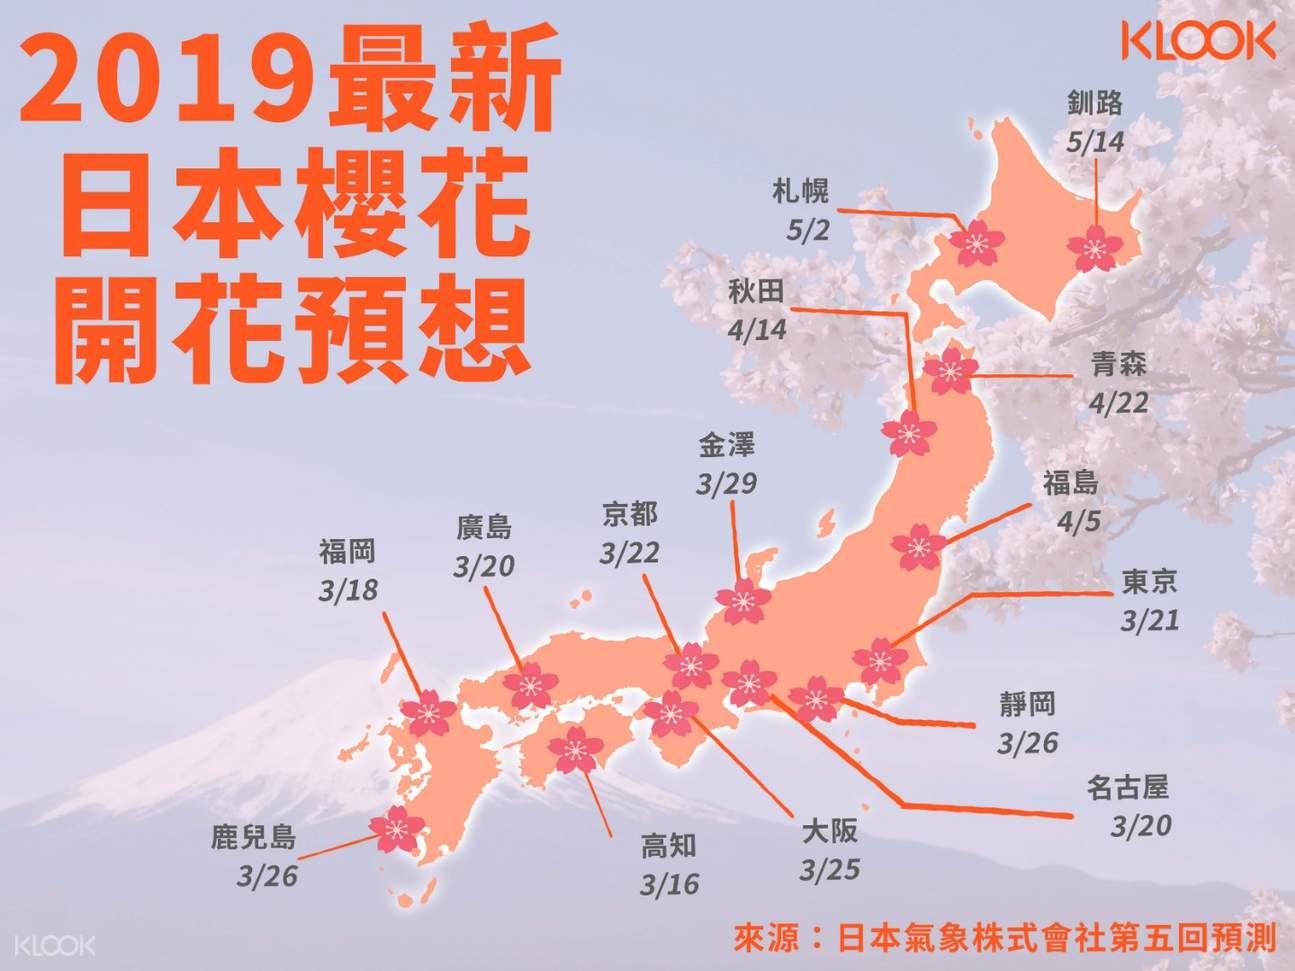 JR伊勢熊野和歌山地區周遊券